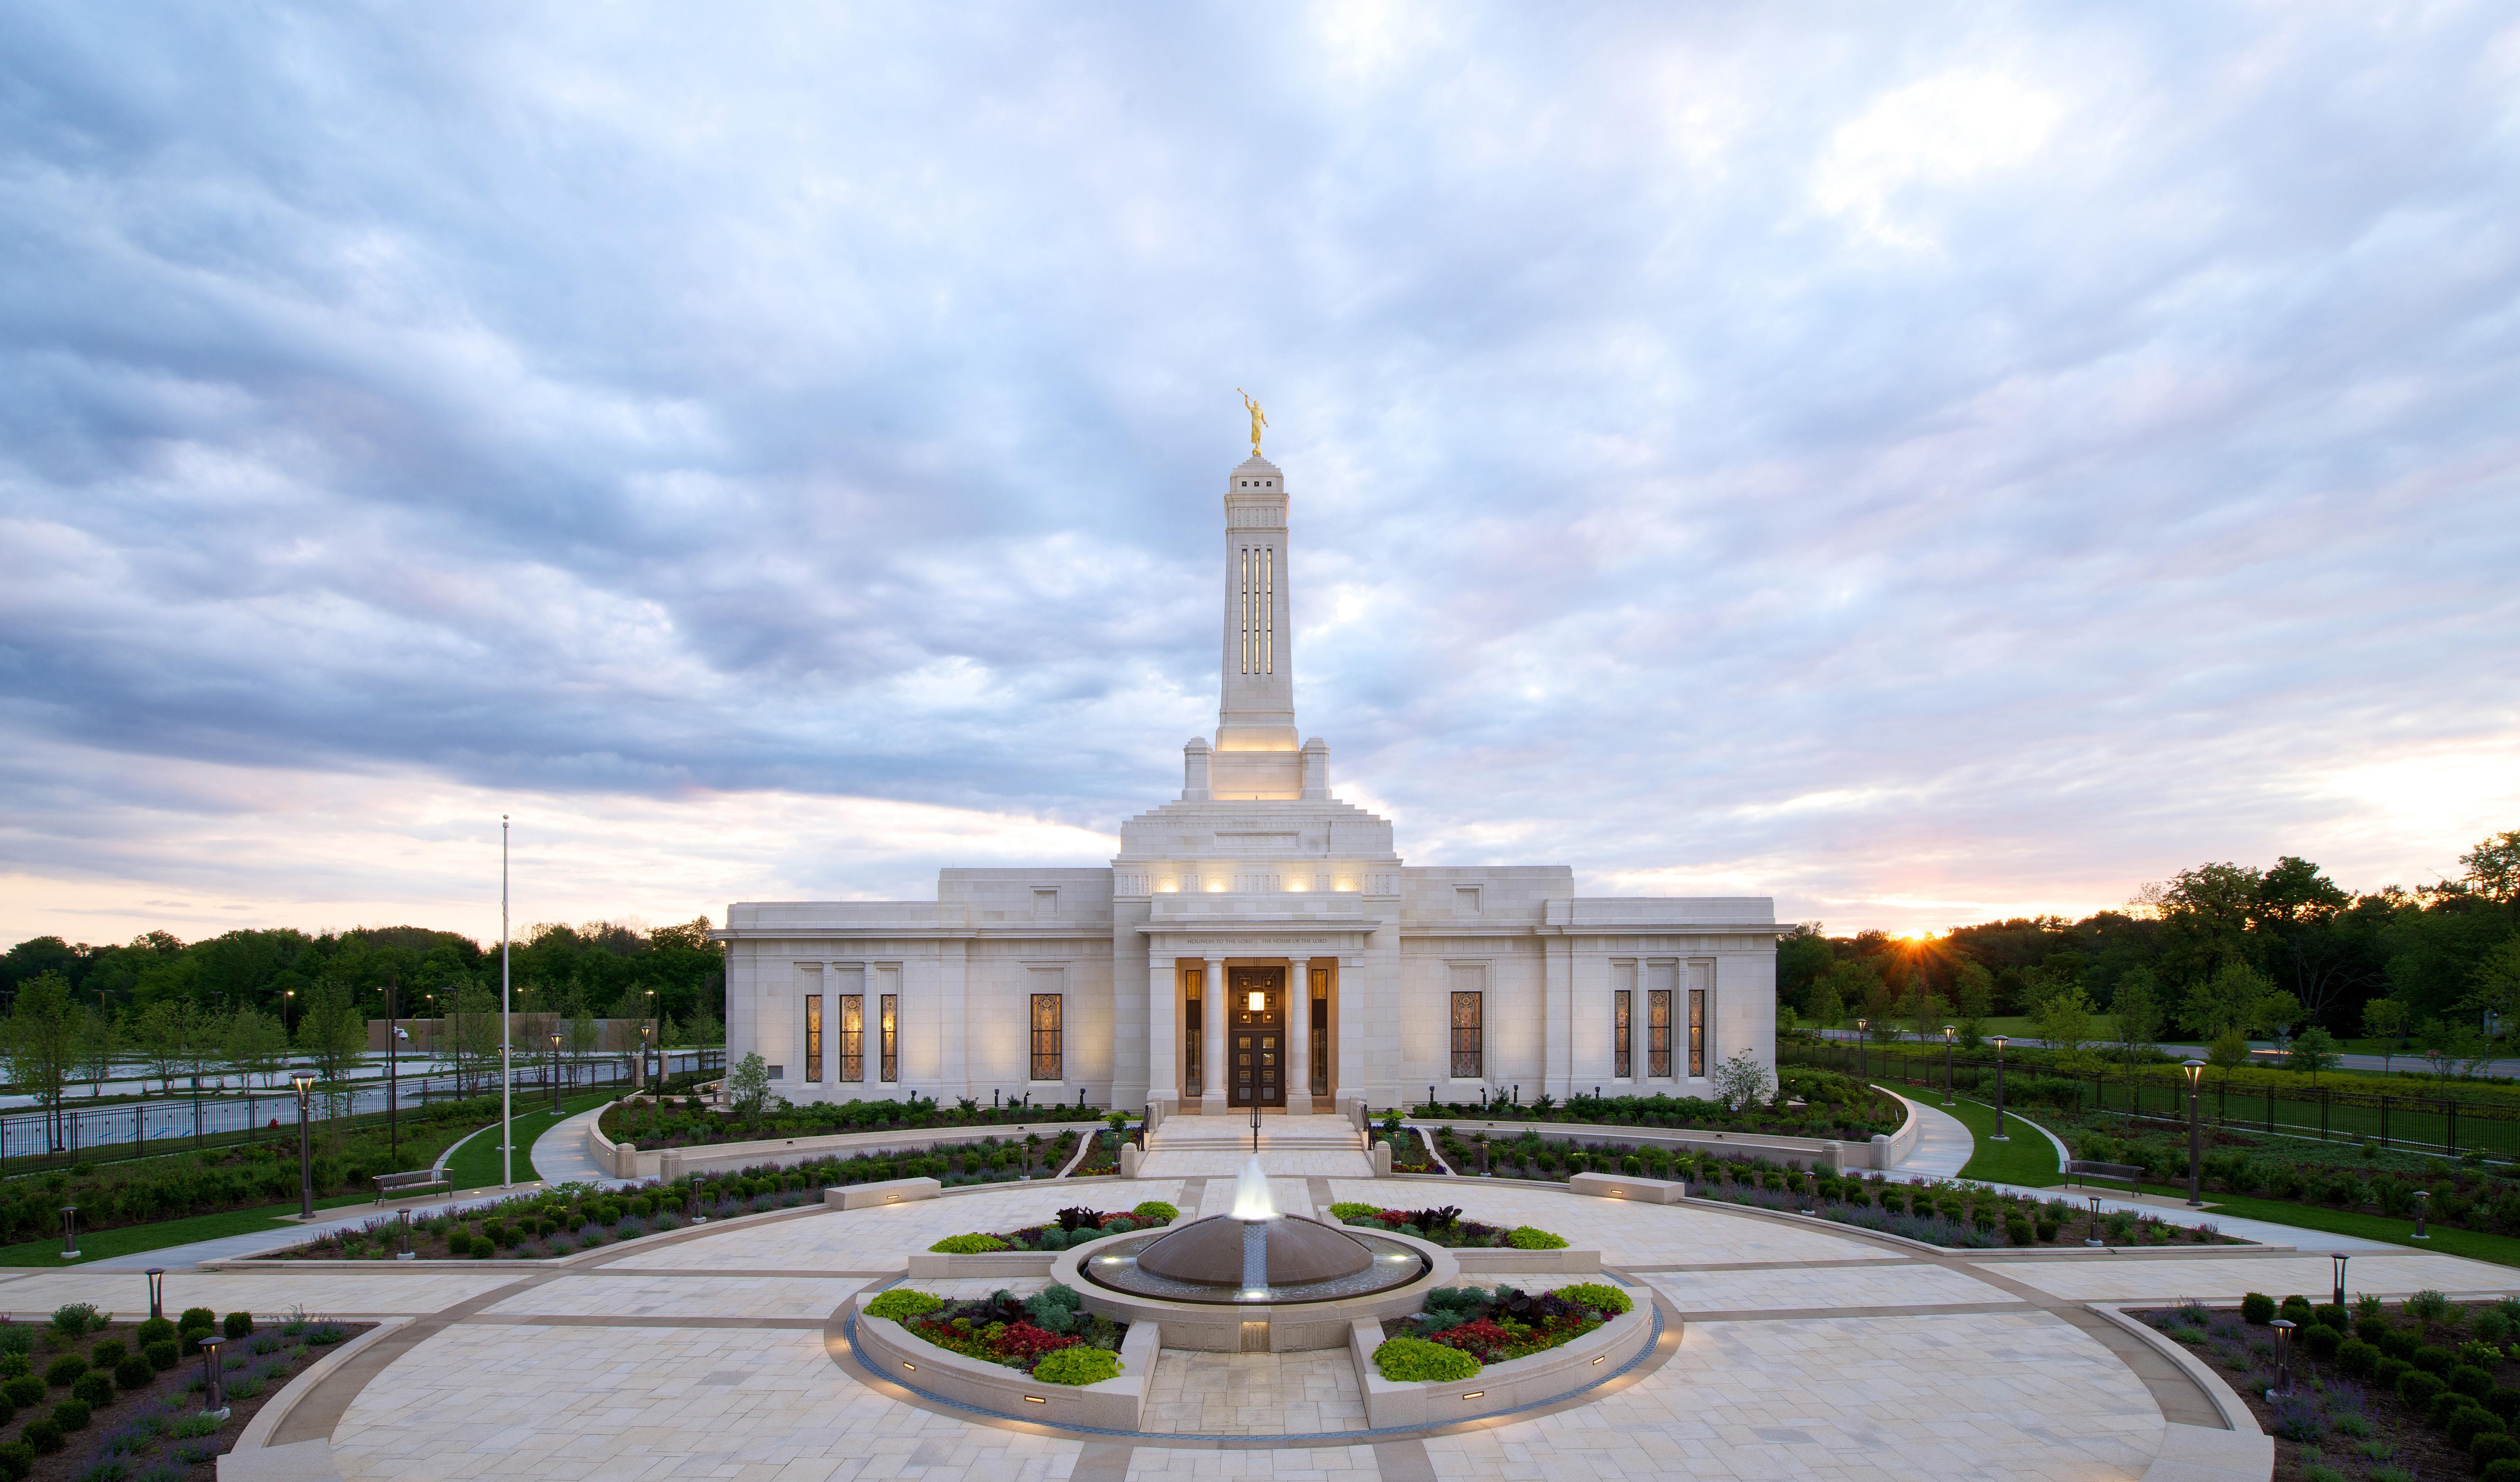 FOTOS: Conoce el nuevo Templo de Indianopolís